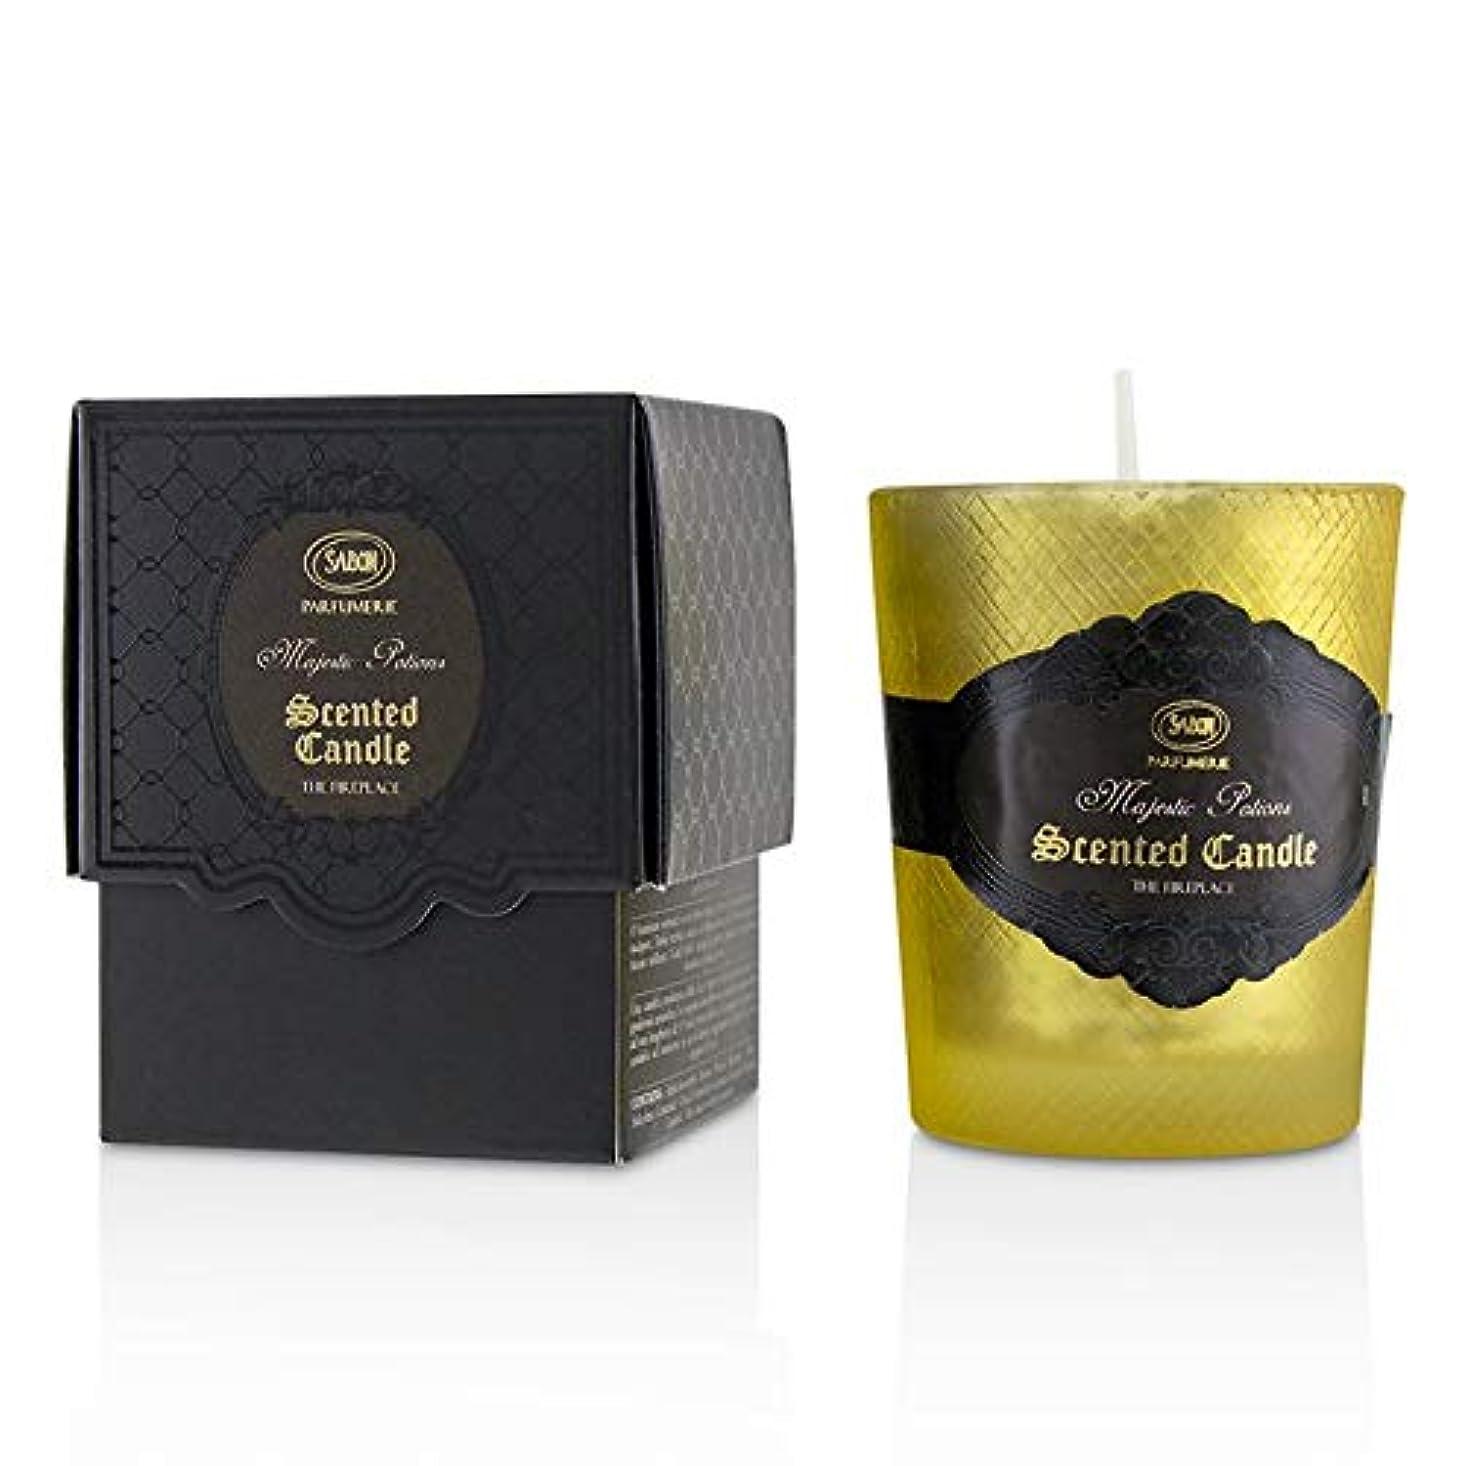 排泄物スタジアム表現サボン Luxury Glass Candle - Fireplace -並行輸入品